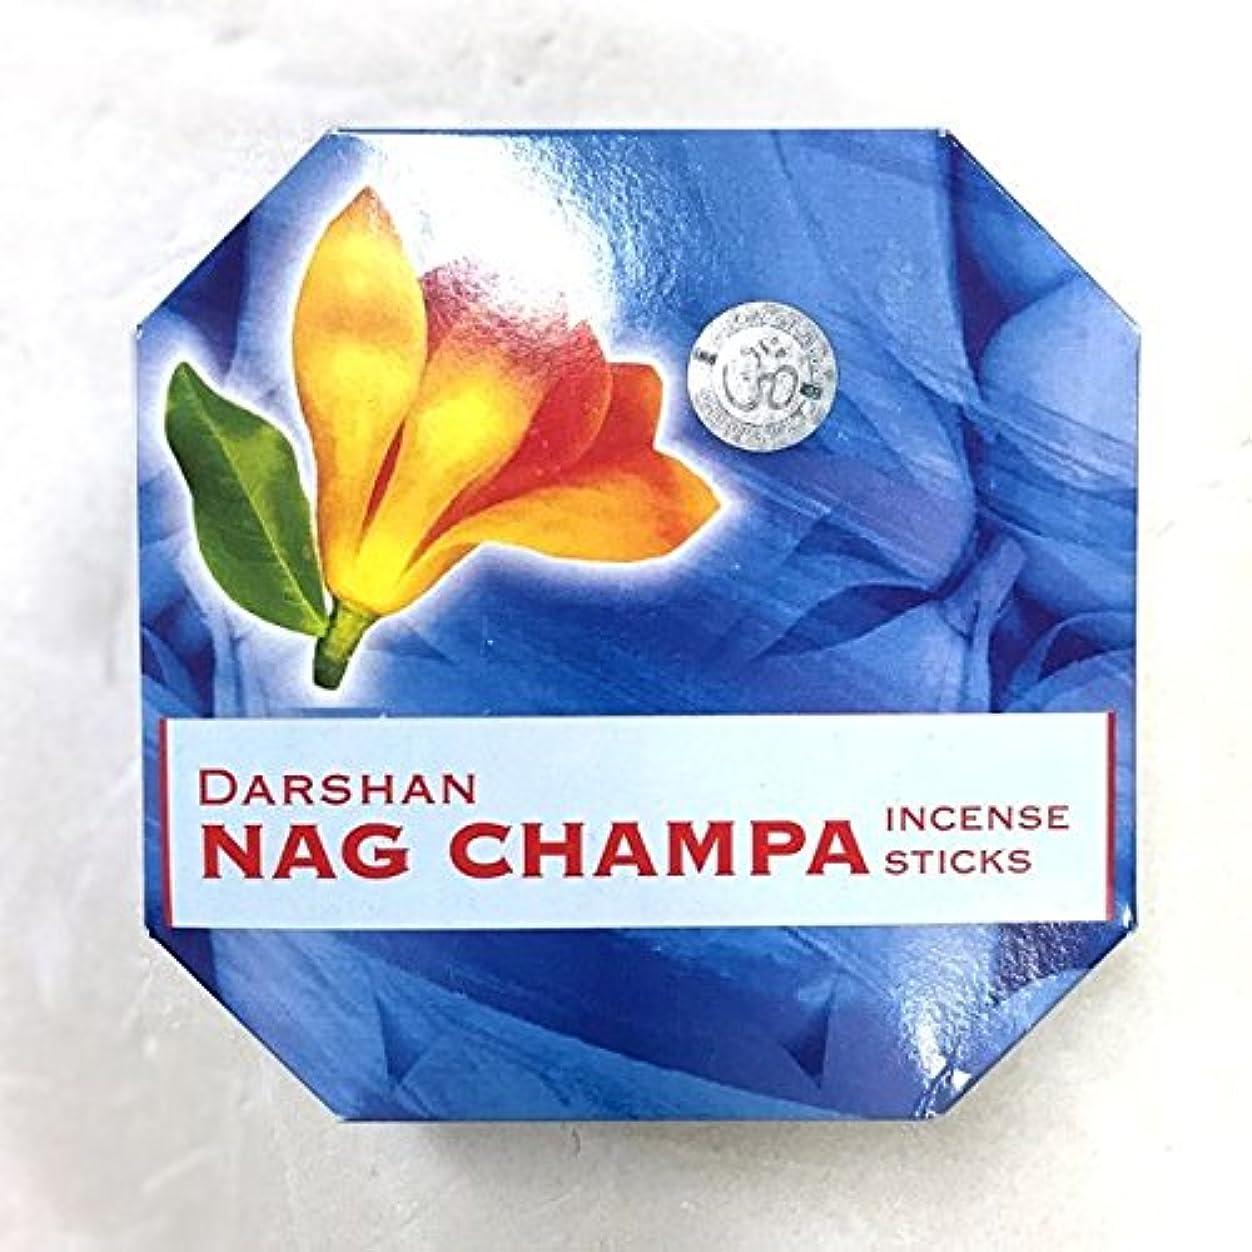 通知するブルジョン困惑したバリタイ お香 ナグチャンパ/NAG CHANPA 渦巻き香